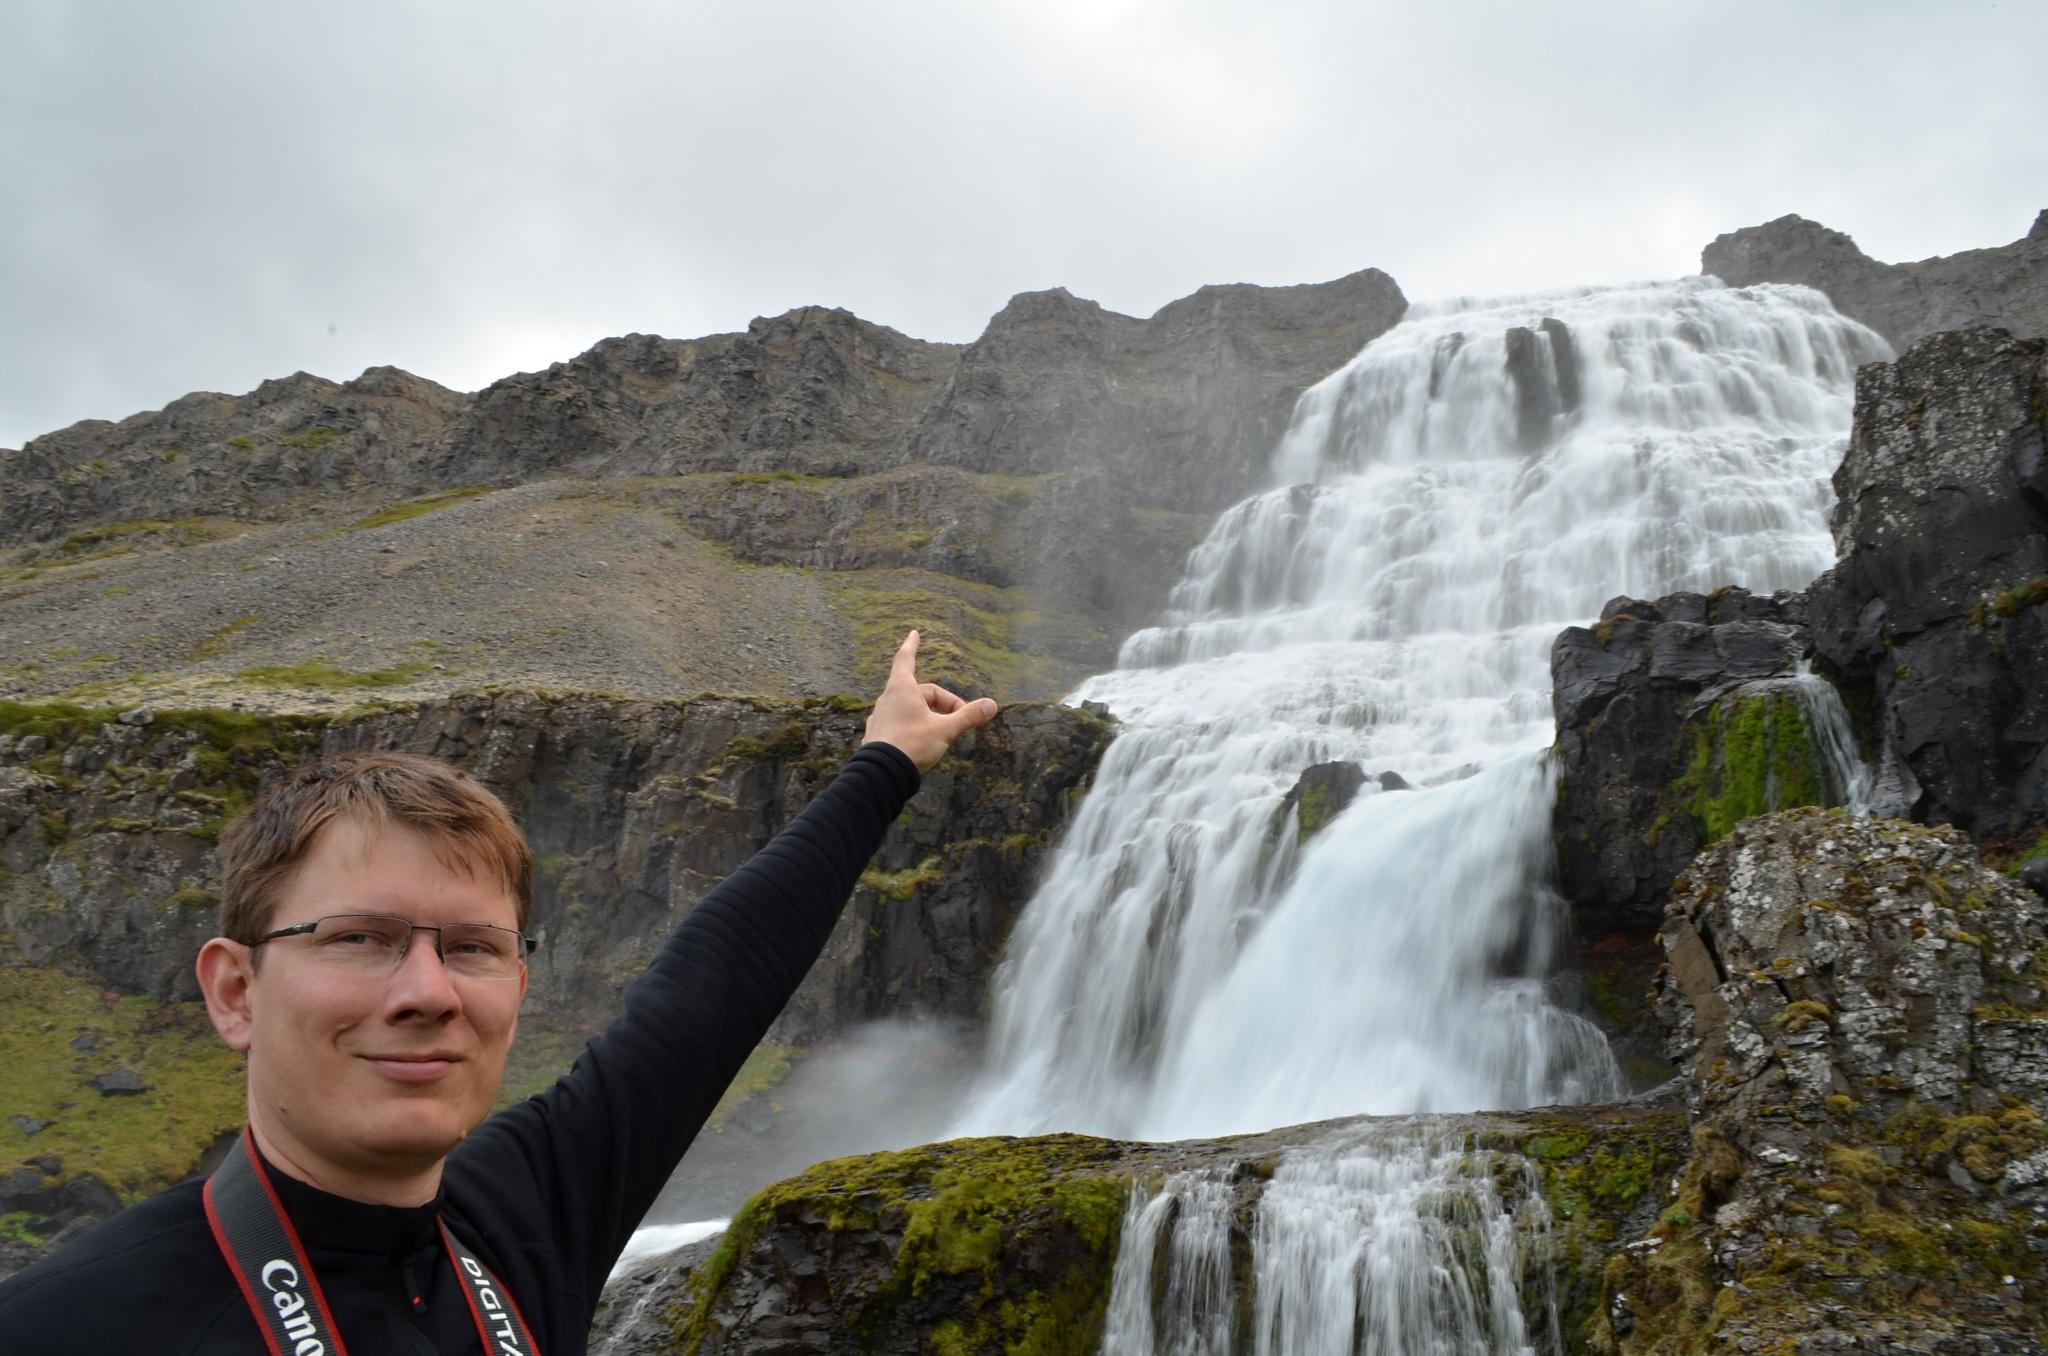 Vodopád Dynjandi je táááááákhle vysoký!